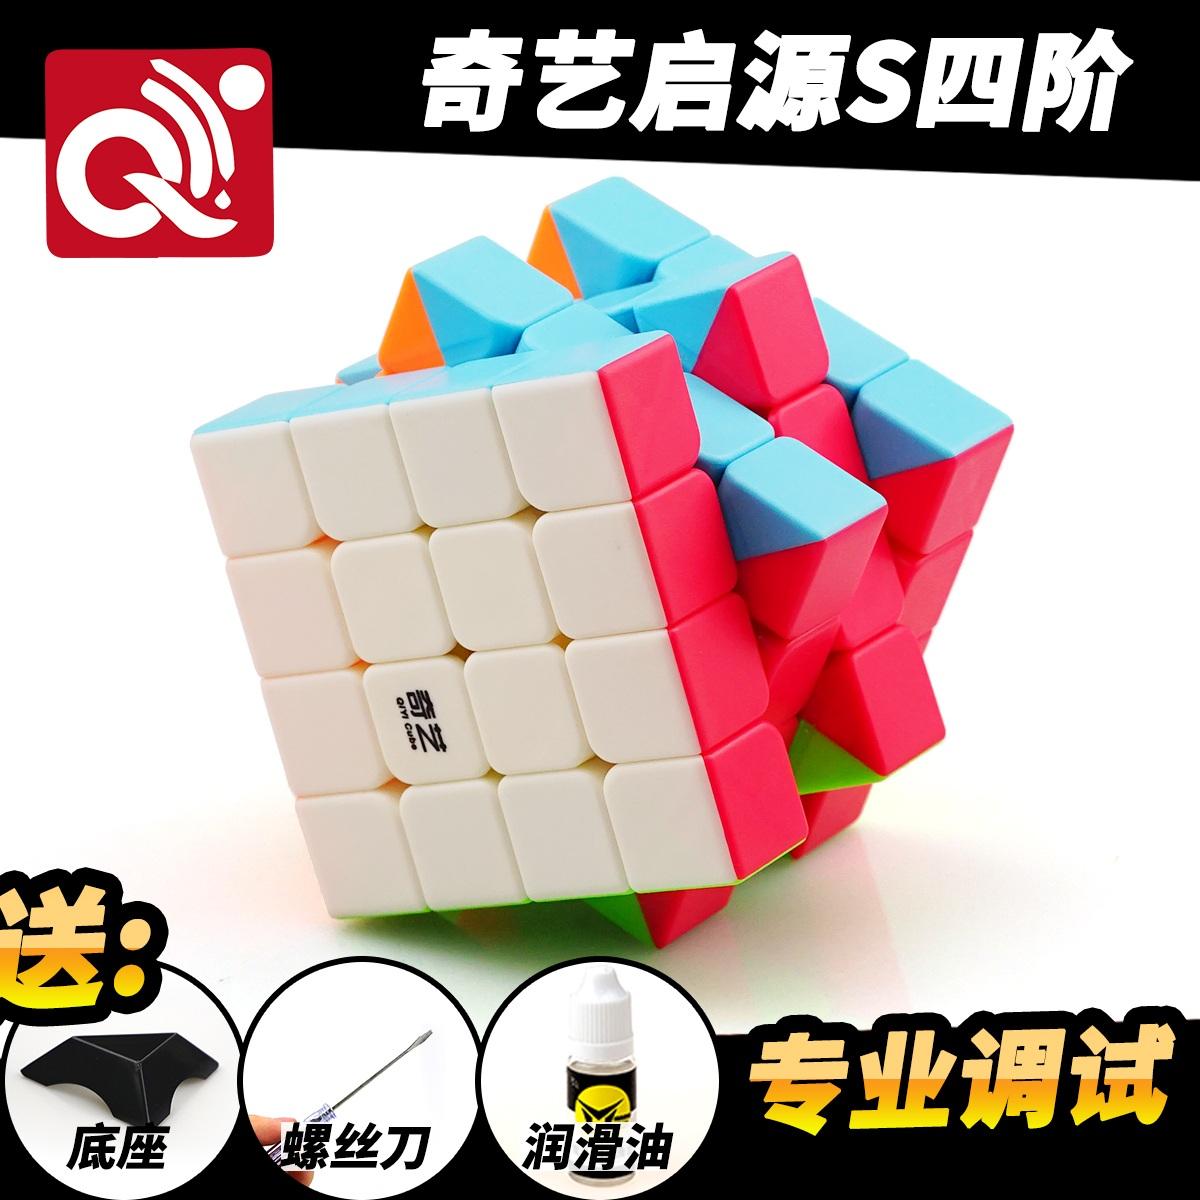 Странный искусство начало источник четвертая стадия (ранг) начало источник S гладкий гоночный игрушка начиная 4 ранг конкуренция специальный куб бесплатная доставка